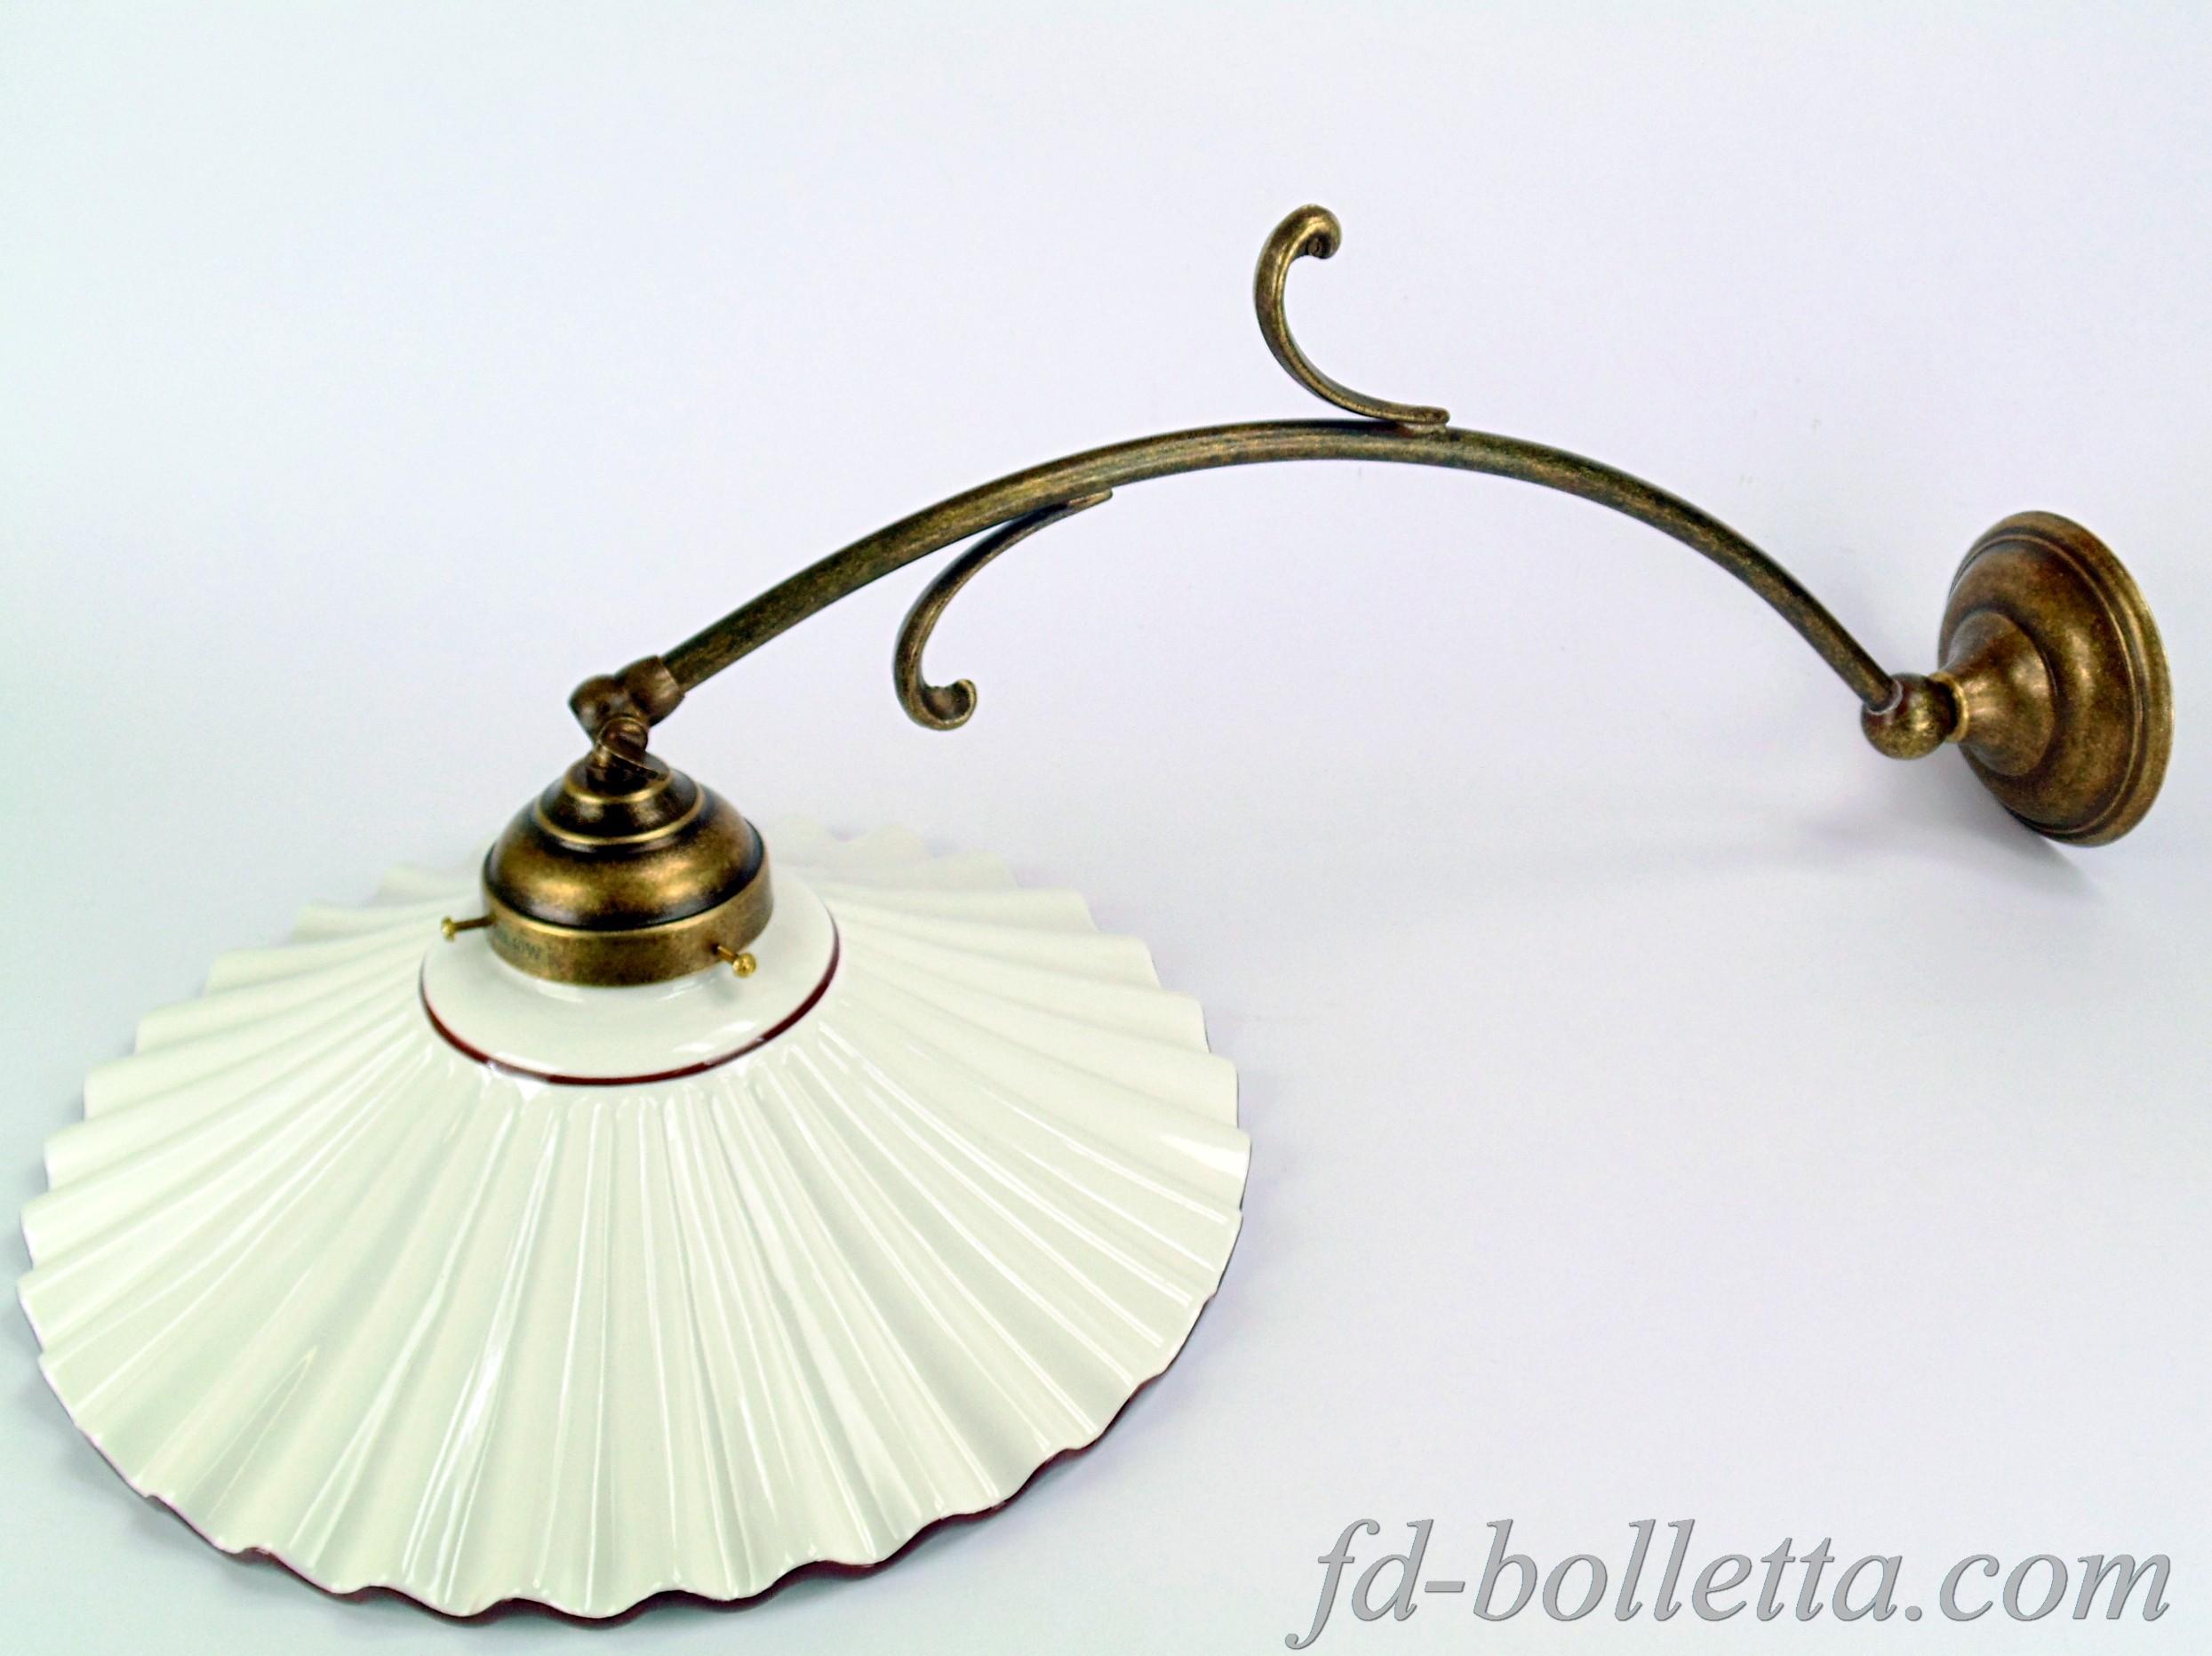 Applique ottone brunito con piatto ceramica al fd bolletta lampade